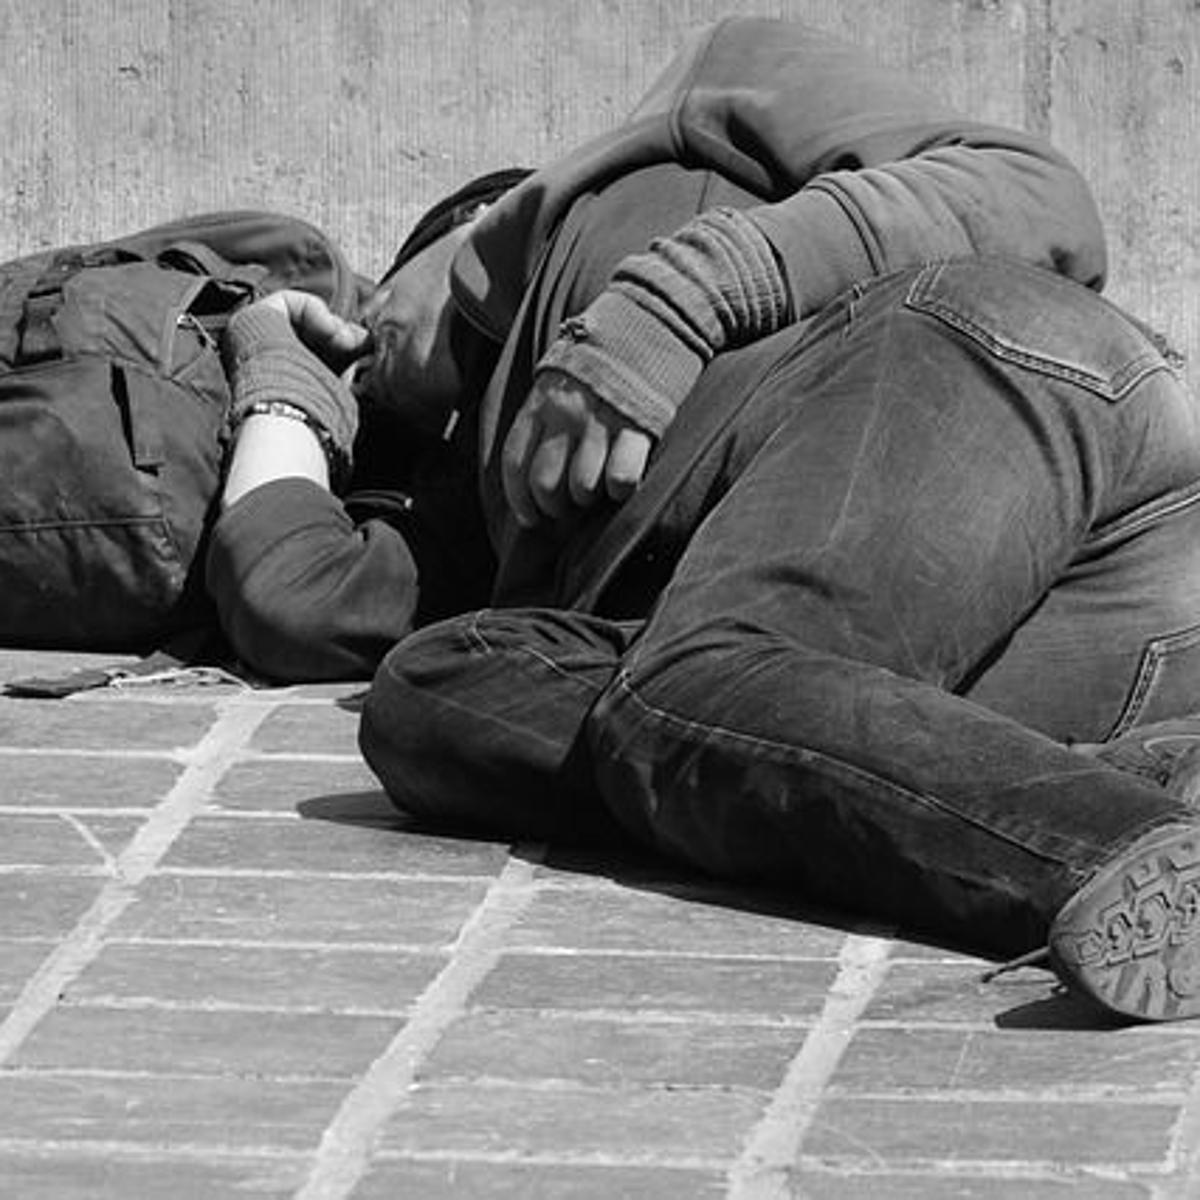 无家可归者露宿街头也是罪?